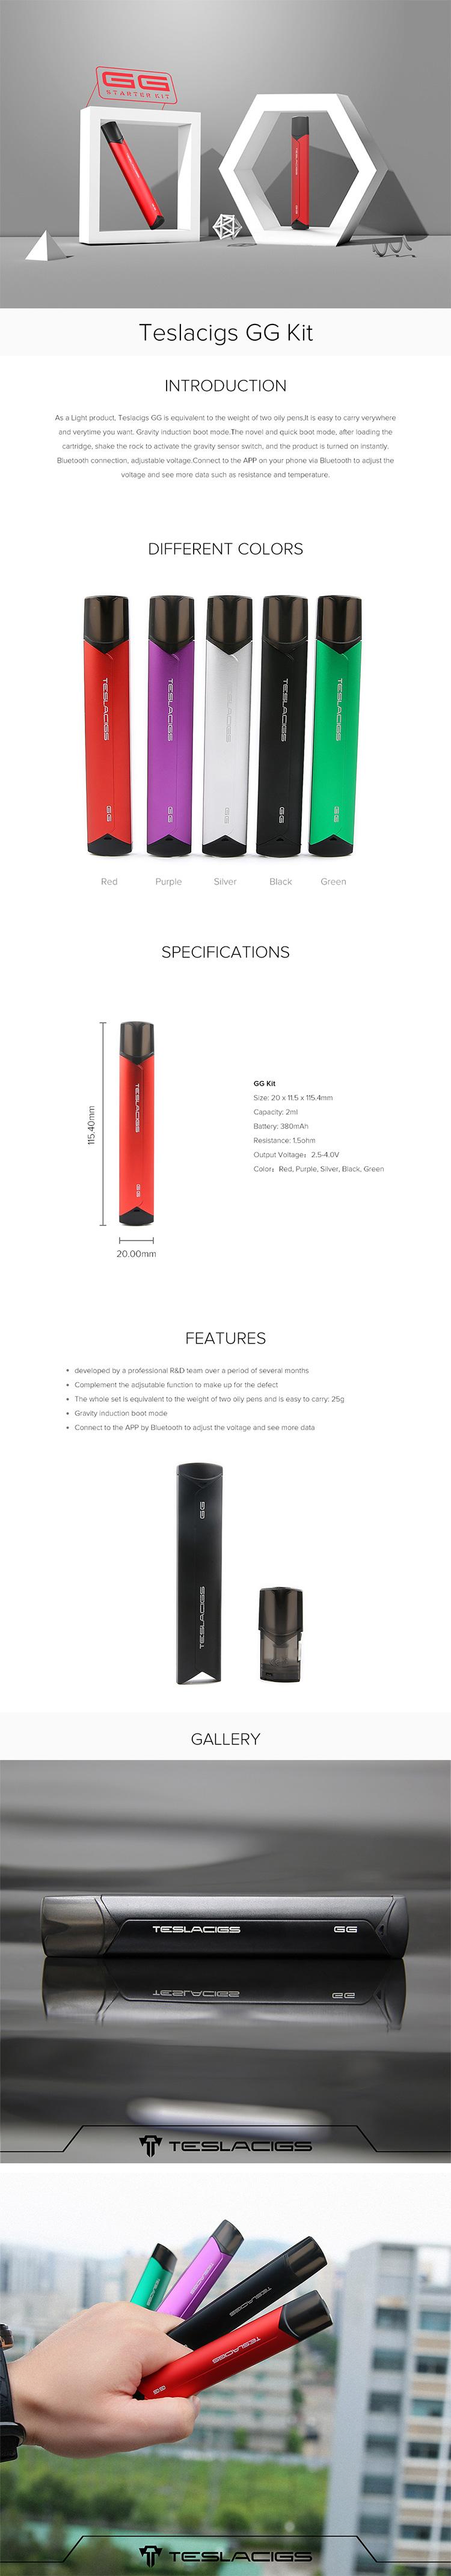 Teslacigs GG Bluetooth Smart Vping Pod Kit